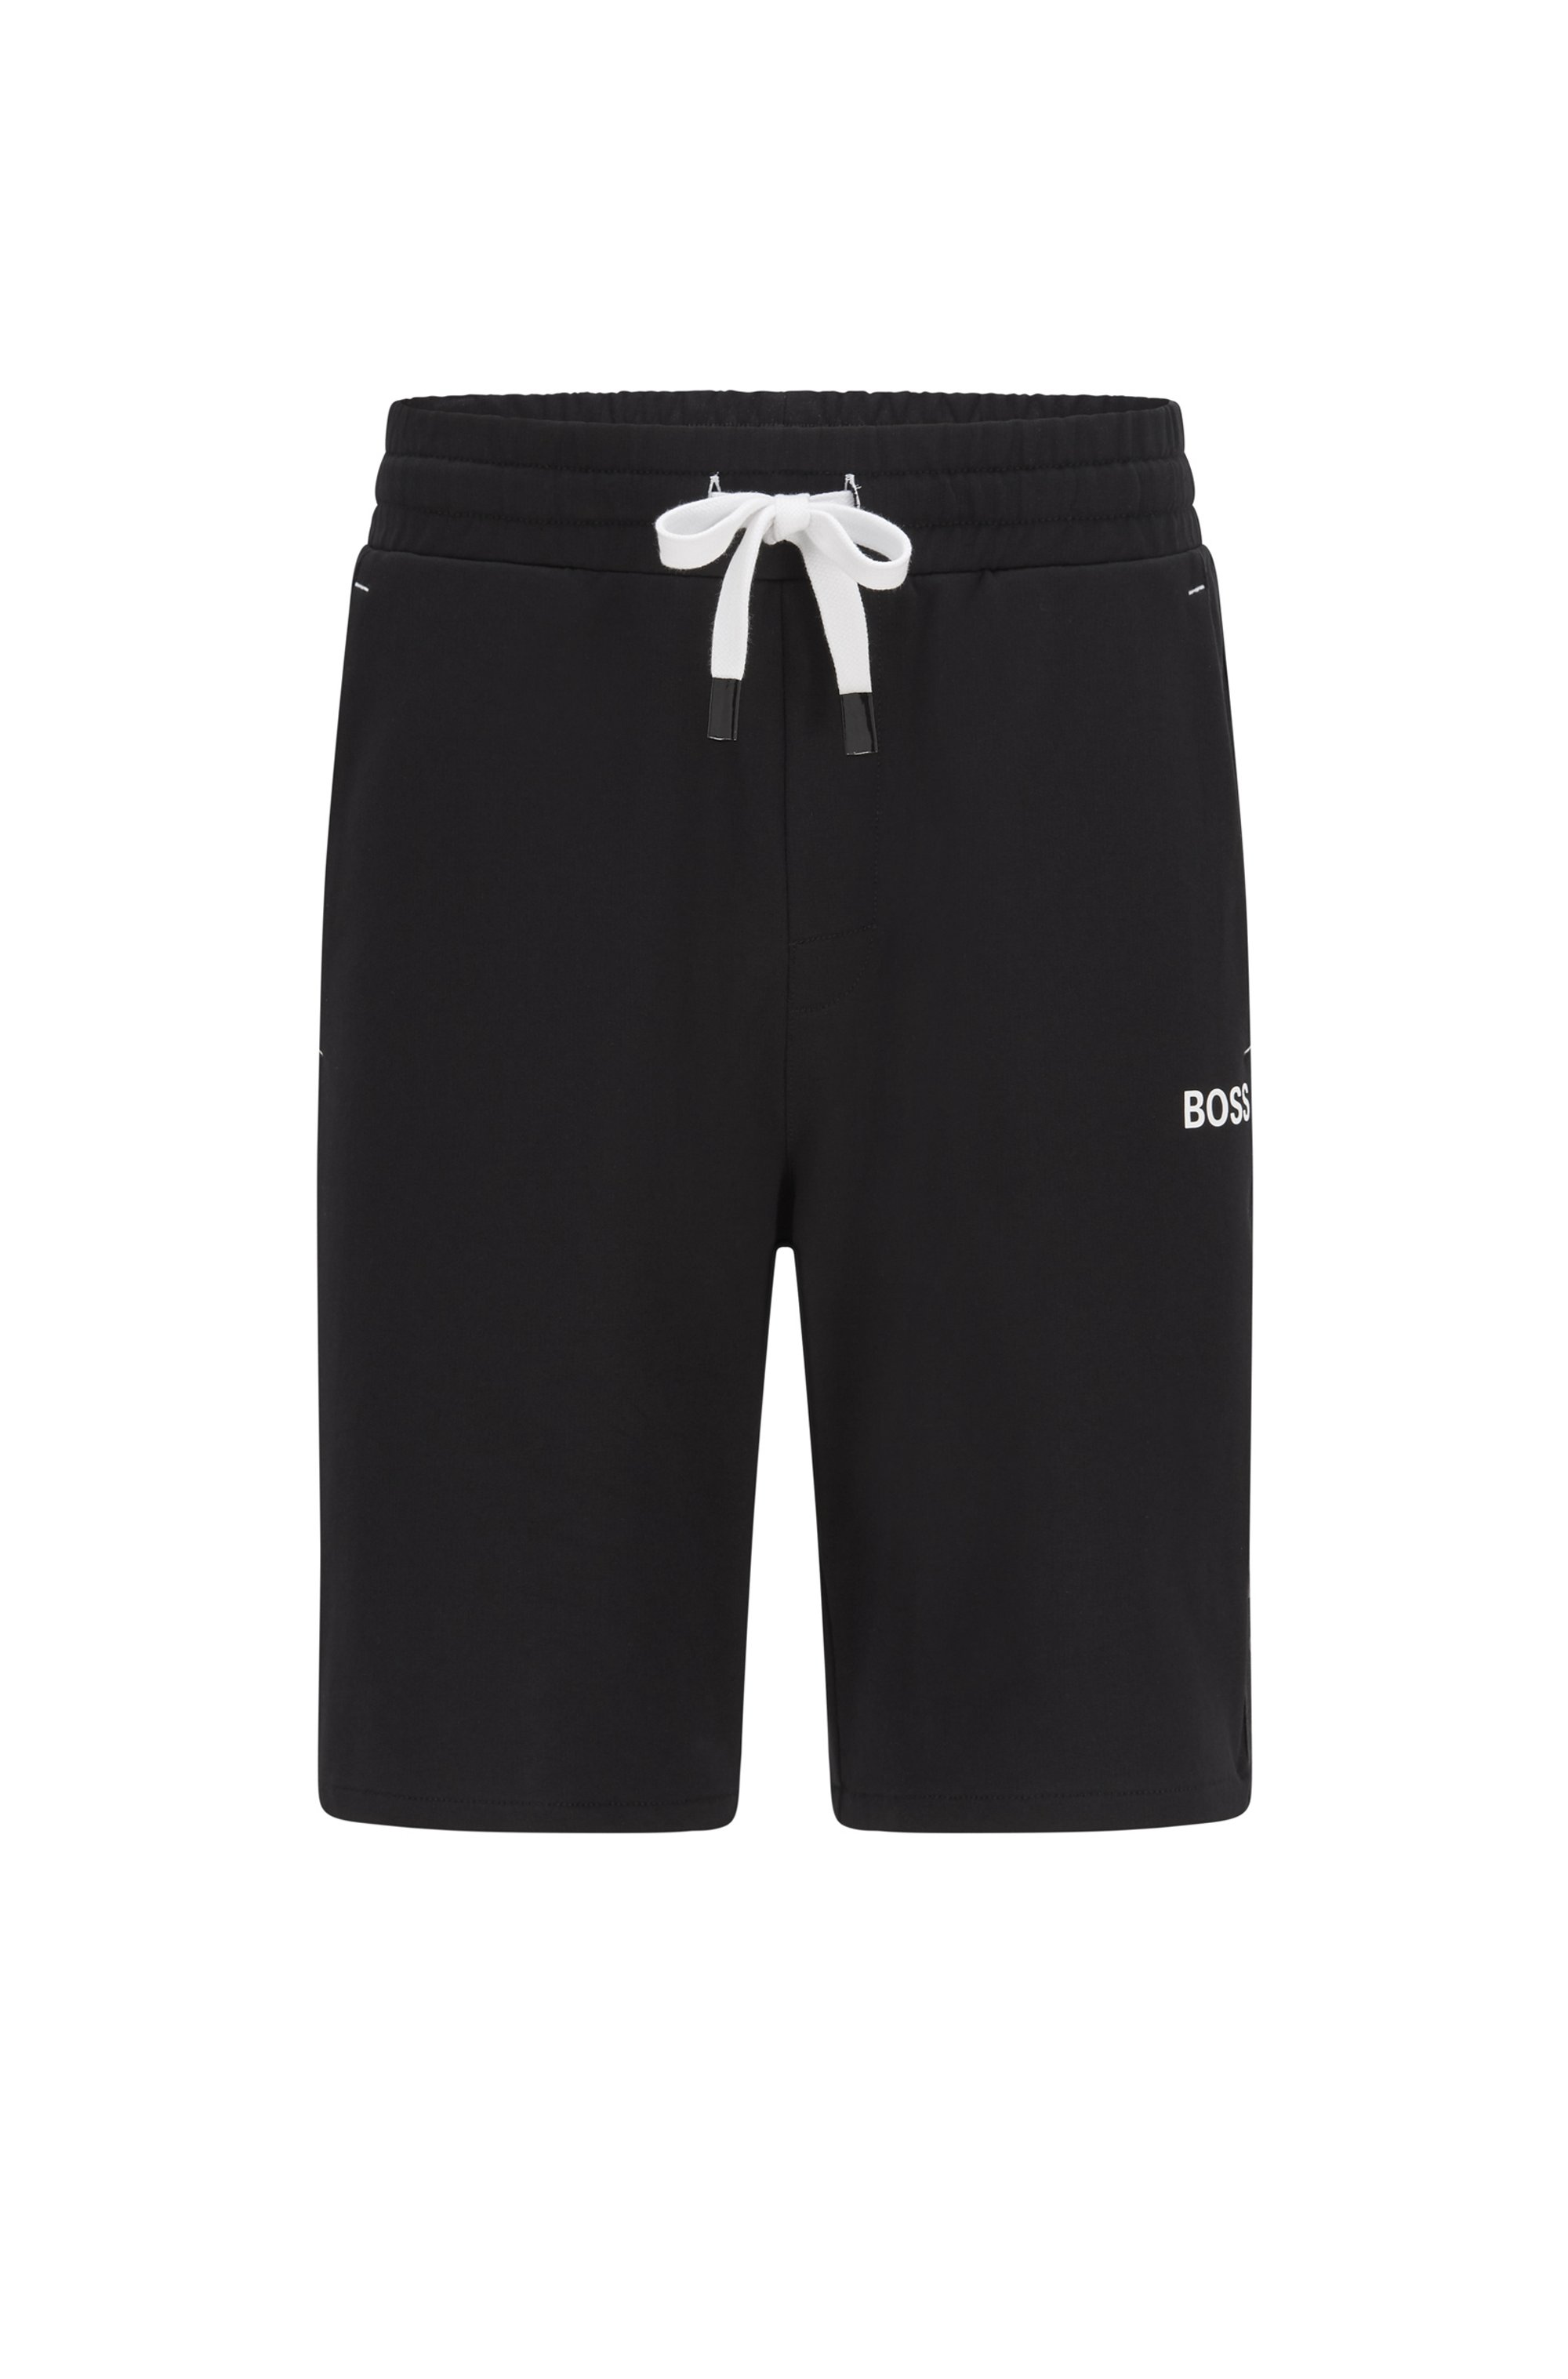 Loungewear-Shorts aus Baumwoll-Terry mit Streifen und Logo-Tape an der Seite, Schwarz